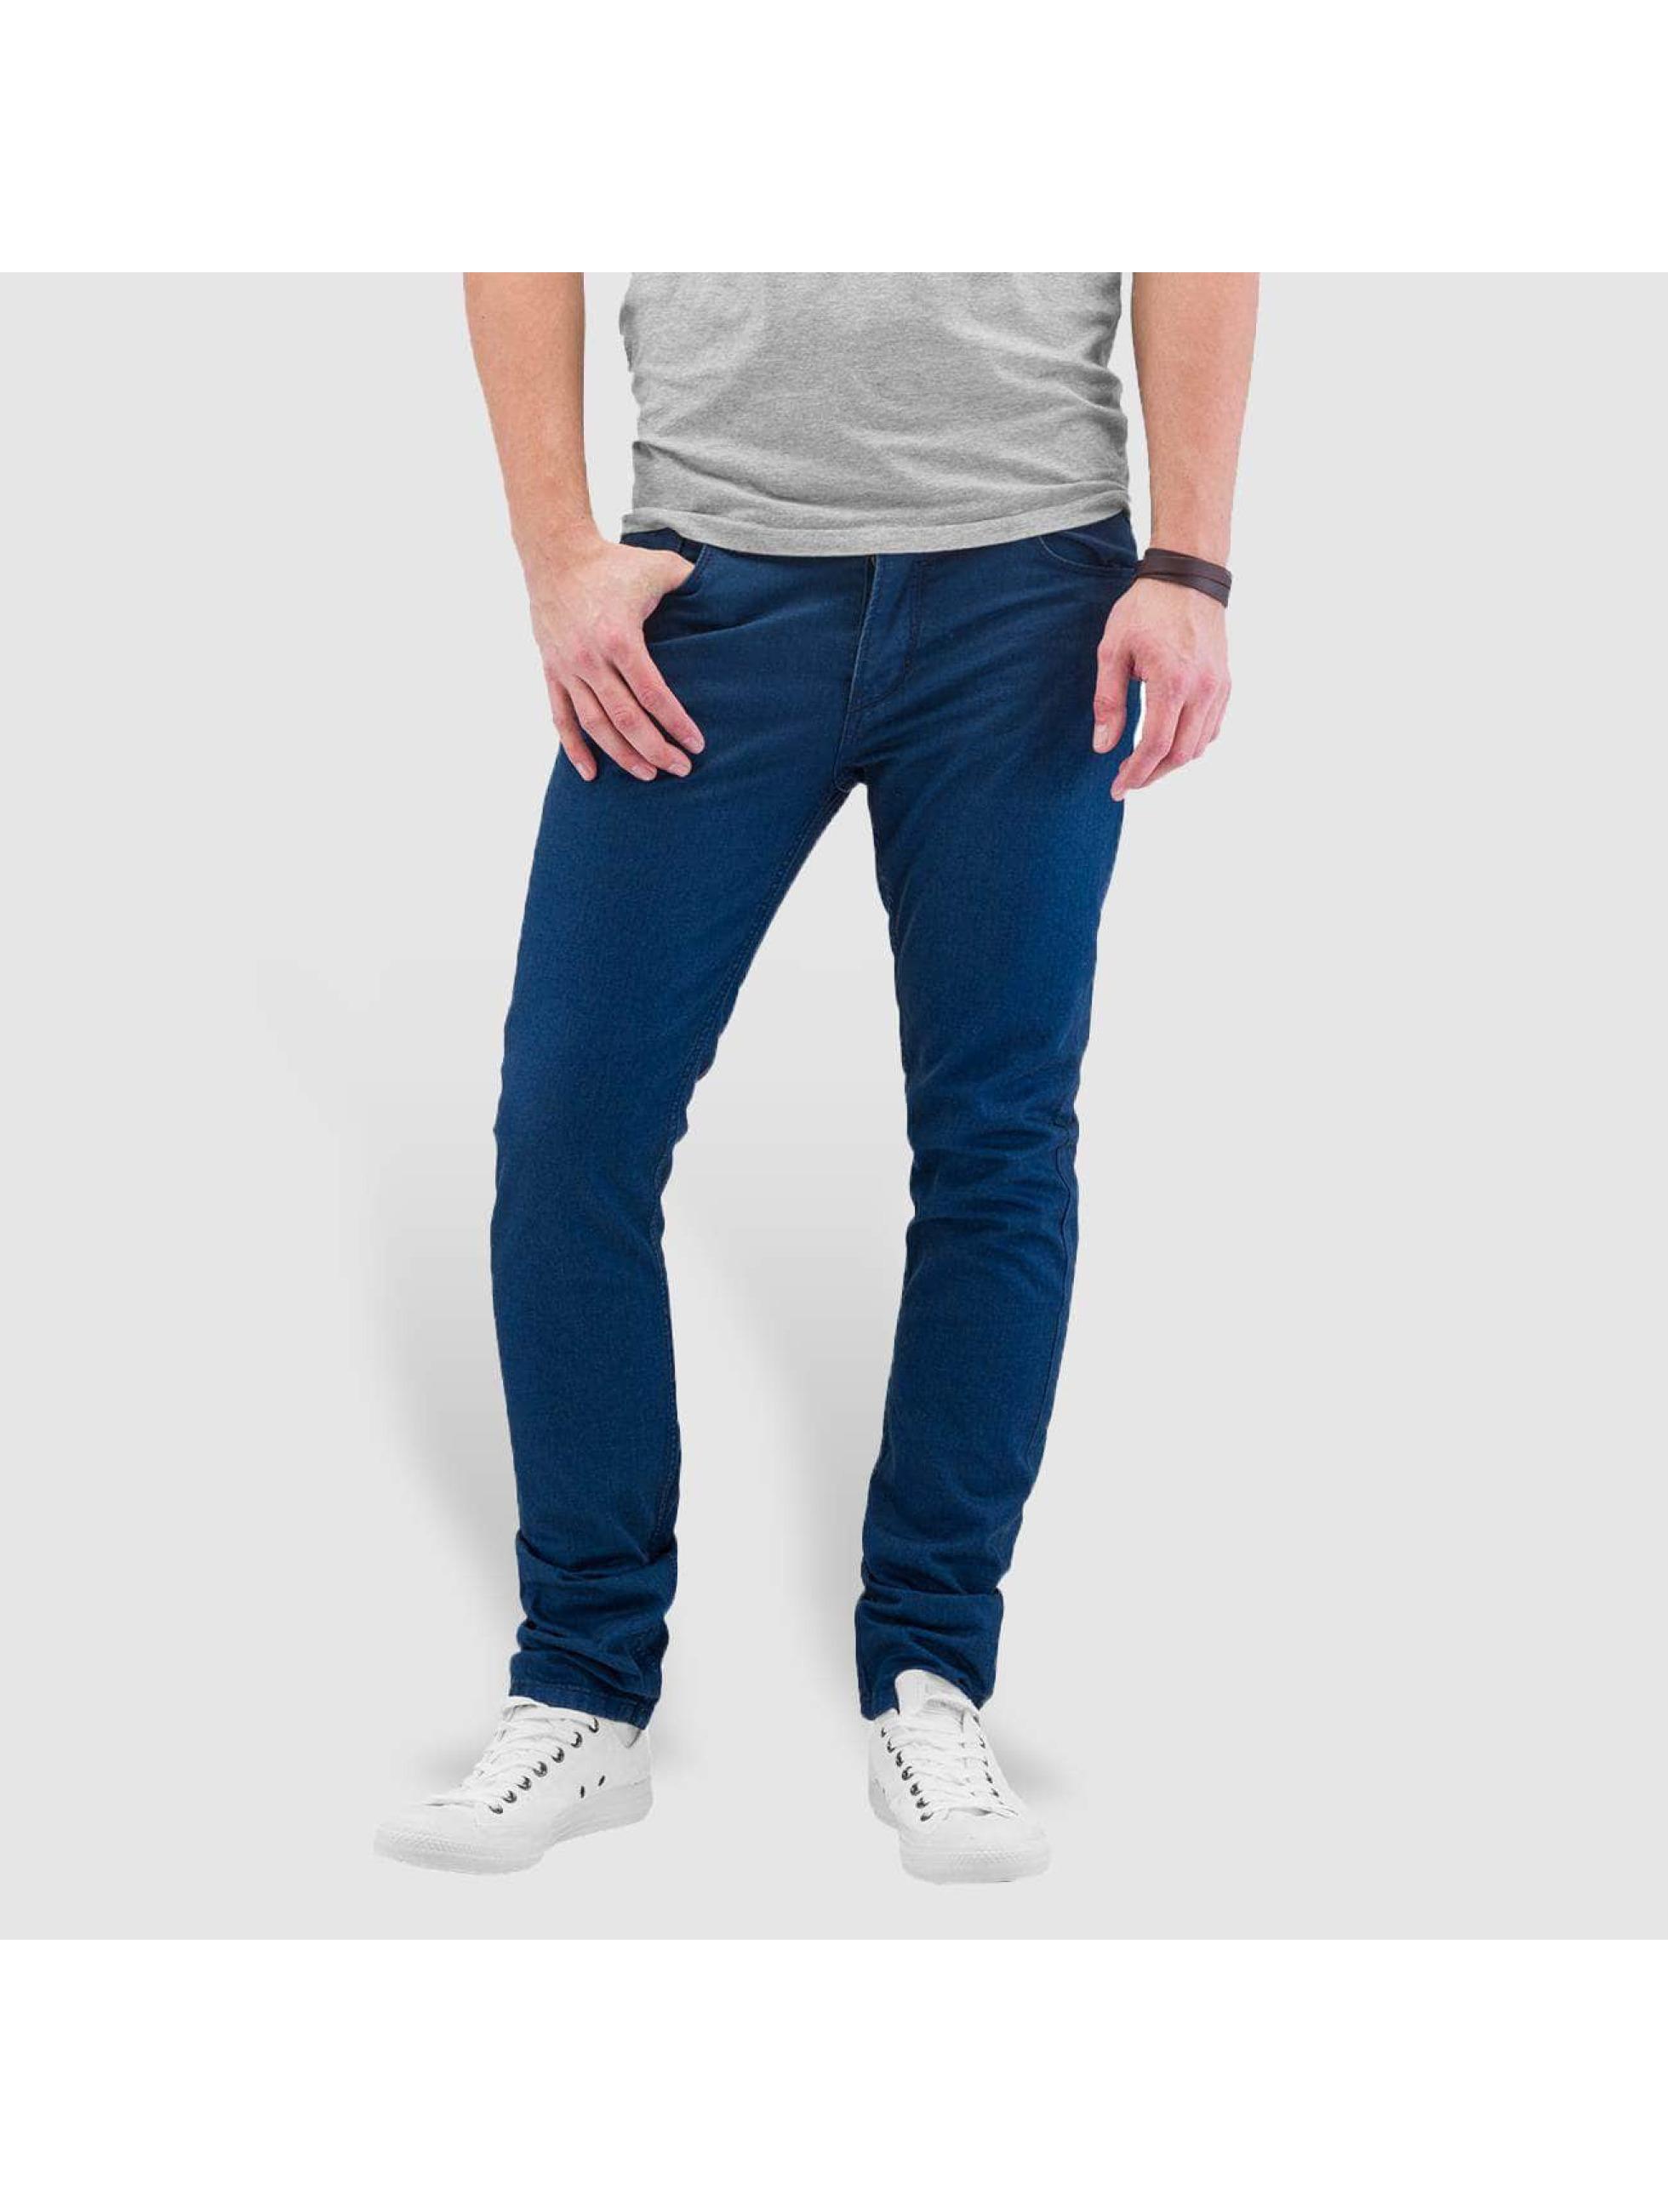 Cazzy Clang Облегающие джинсы Tone II синий